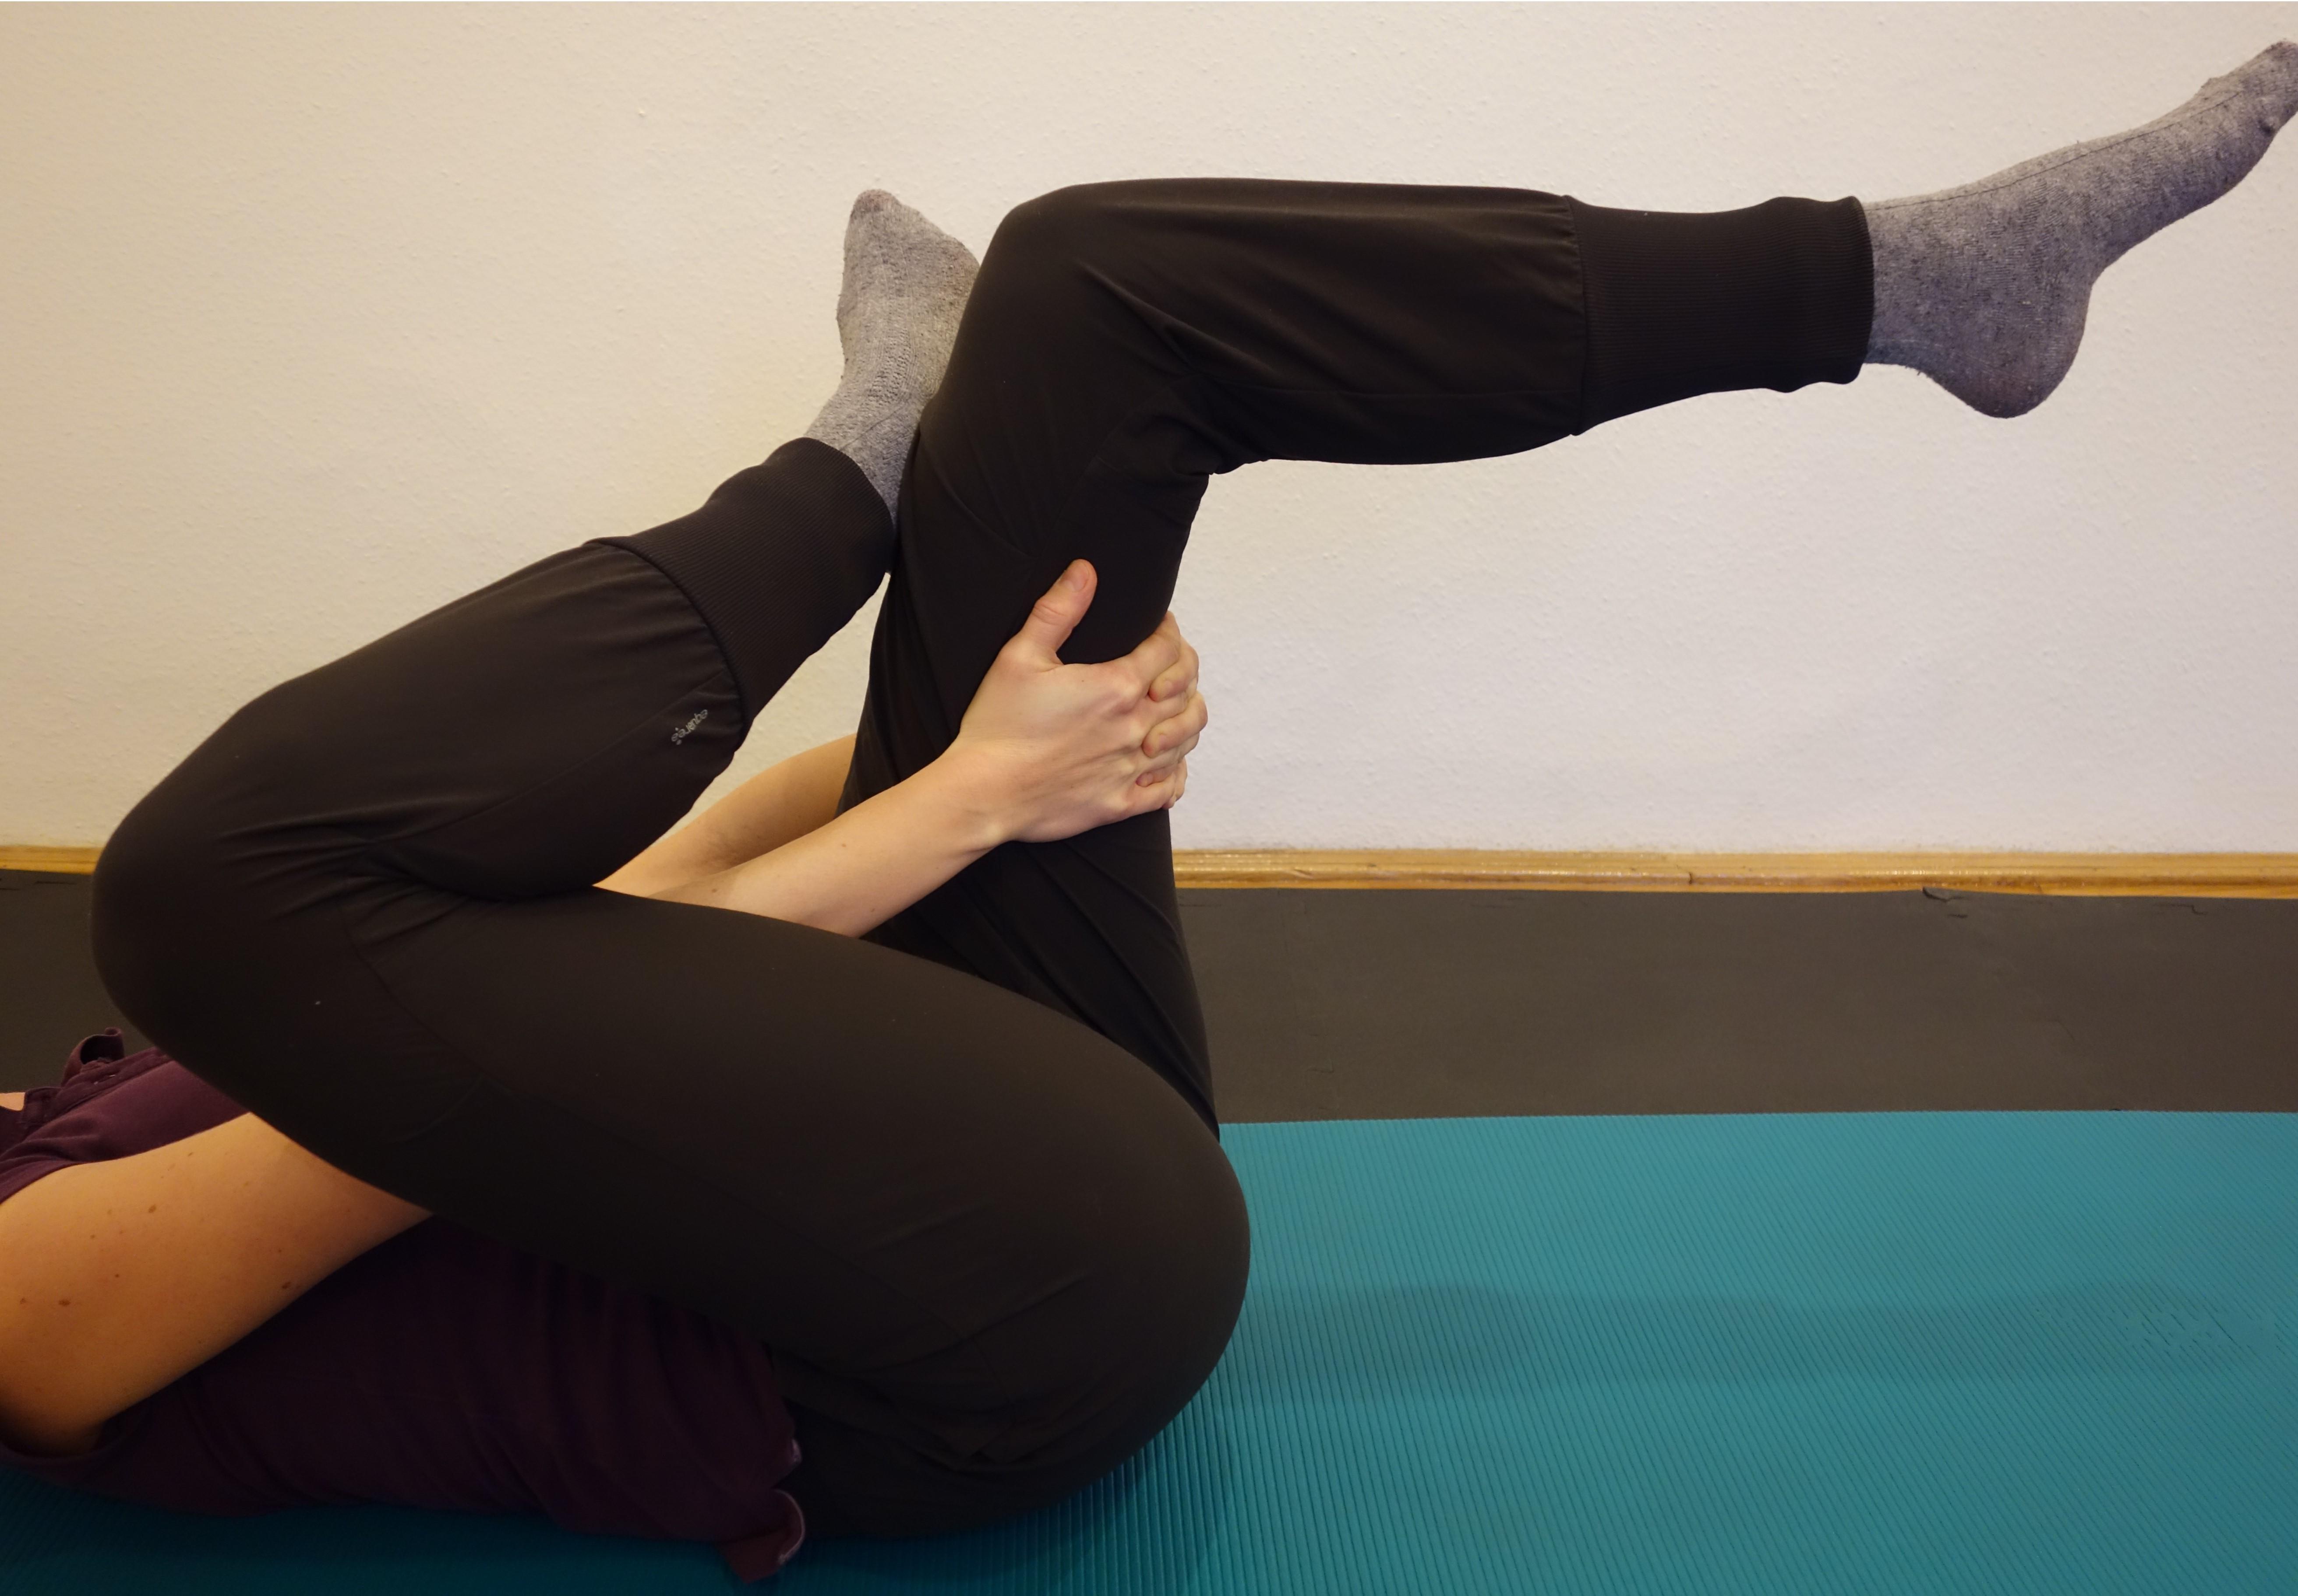 miért fájnak a csípőízületek hosszantartó ülés után)